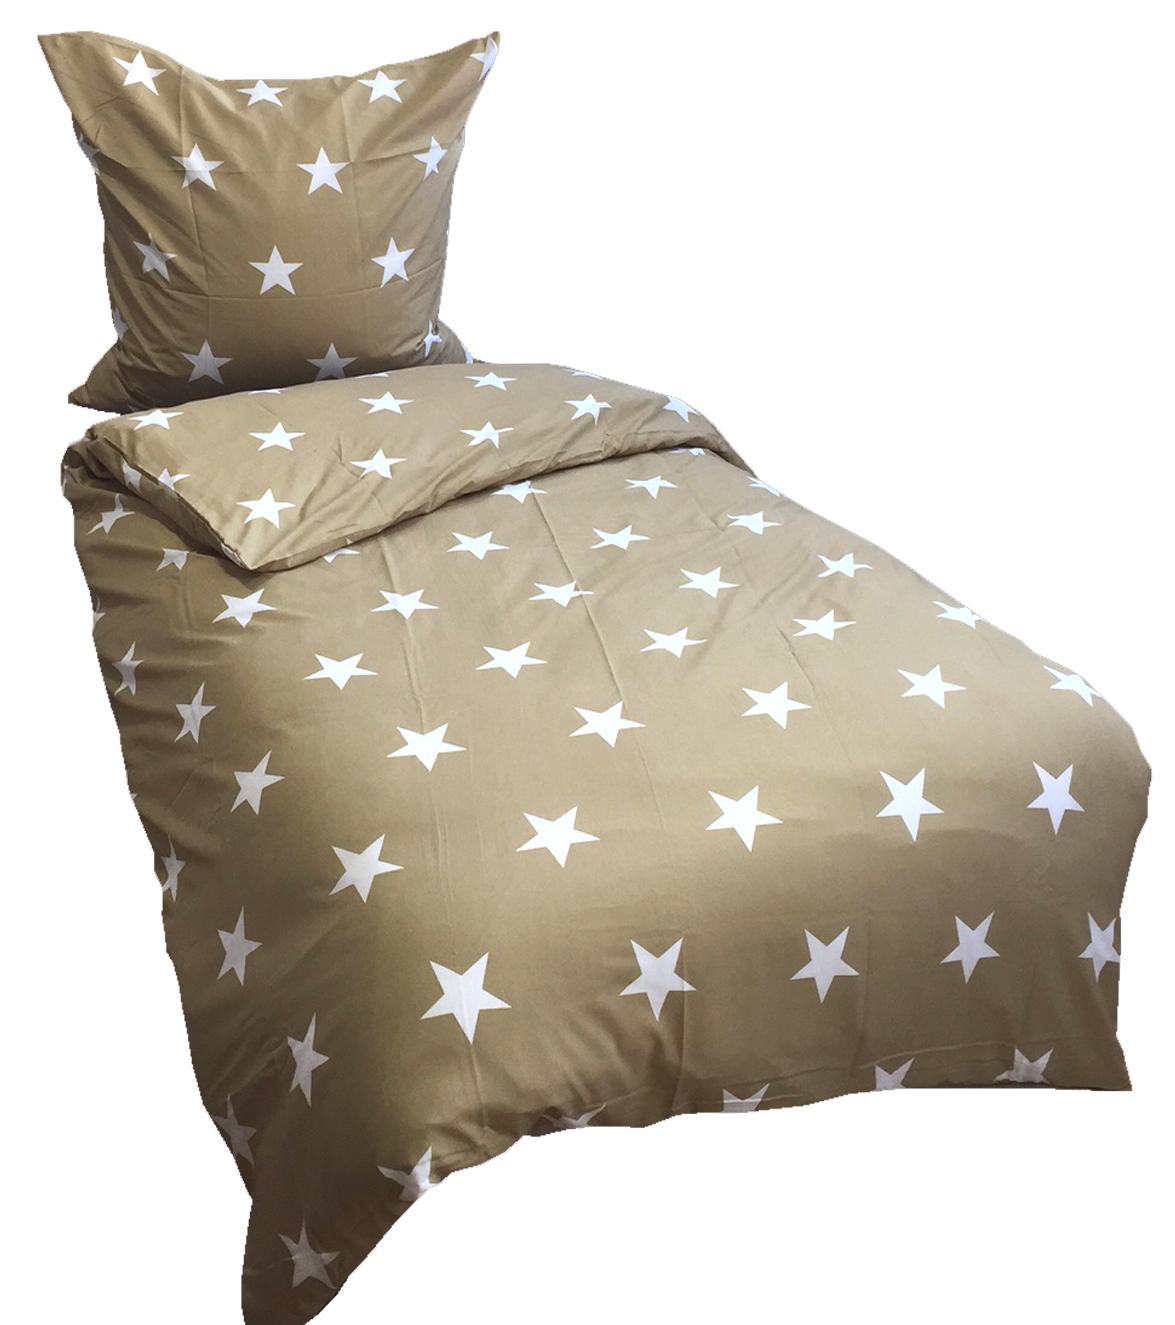 2 tlg bettw sche microfaser 135x200 cm sterne beige wei garnitur. Black Bedroom Furniture Sets. Home Design Ideas